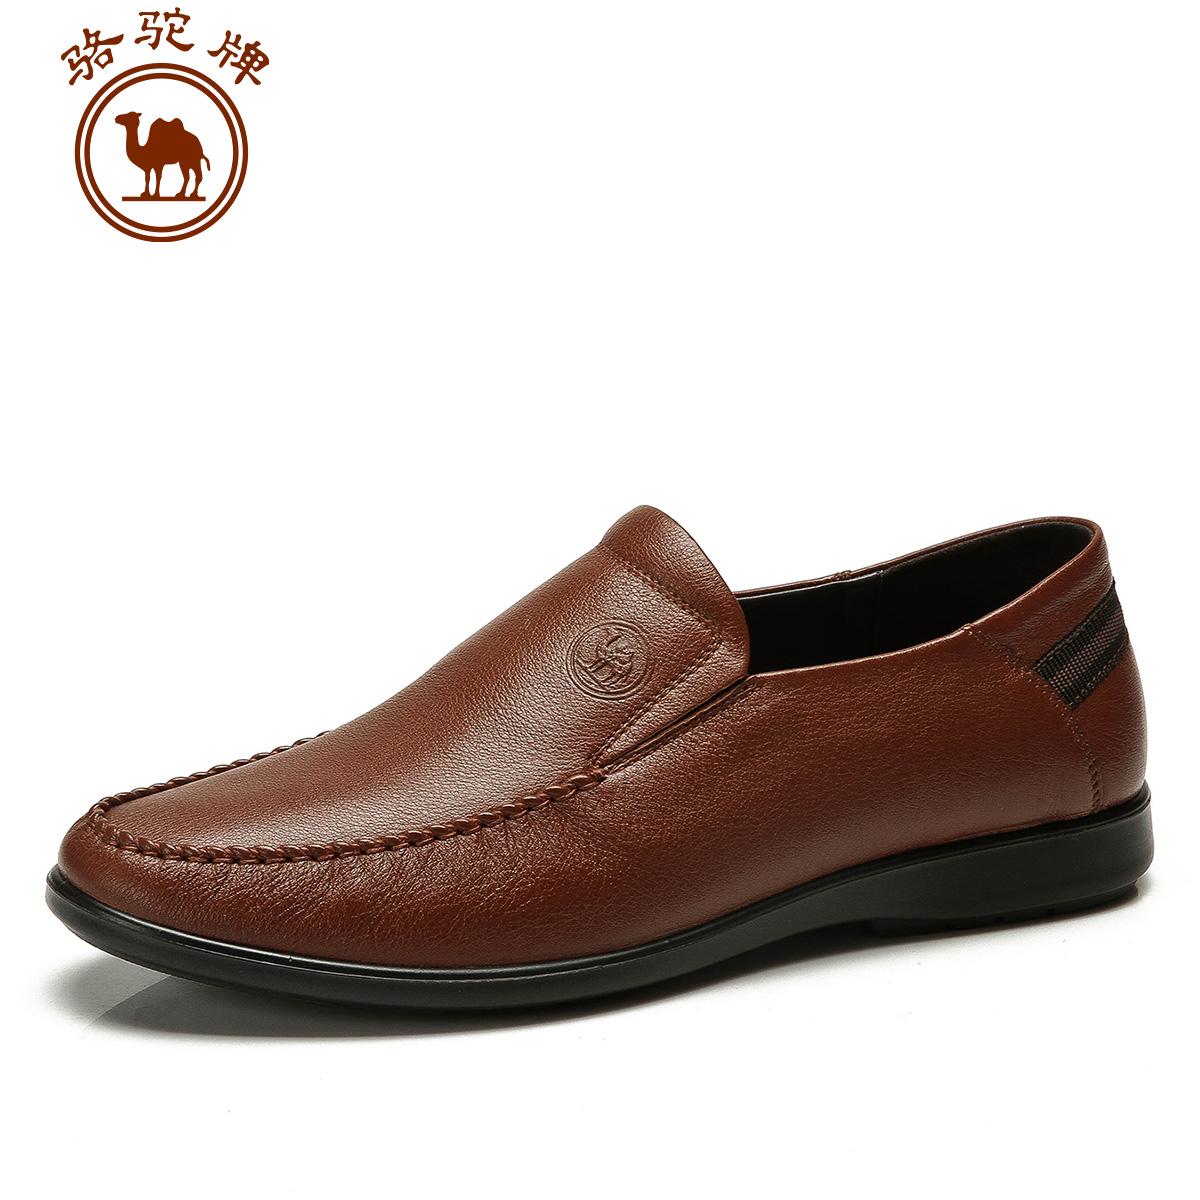 骆驼牌正品 2015年春季新款真皮休闲商务皮鞋 轻便套脚流行男鞋子